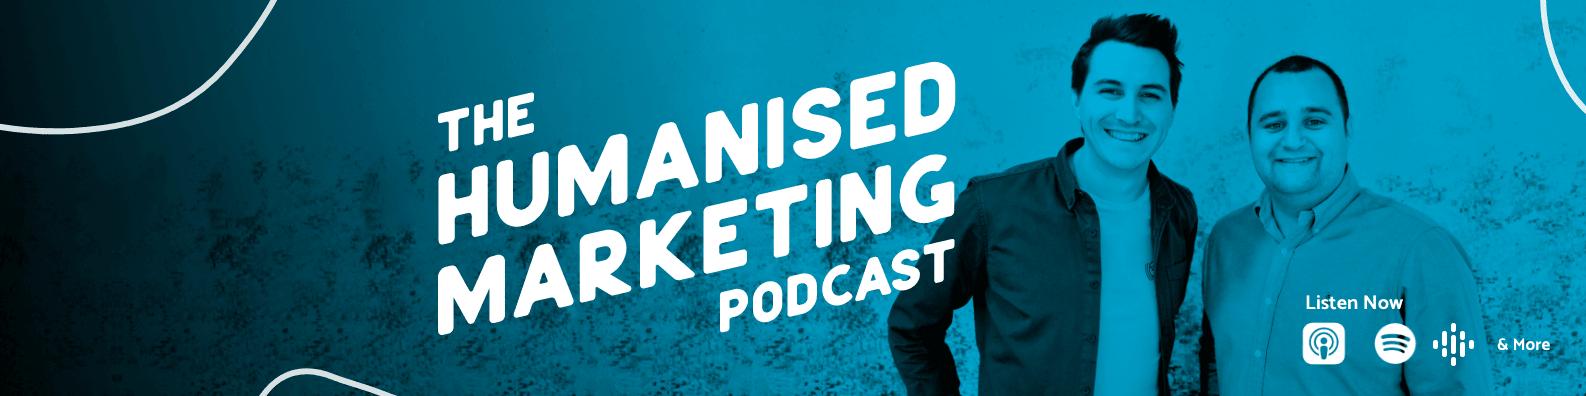 Humanised Marketing Podcast